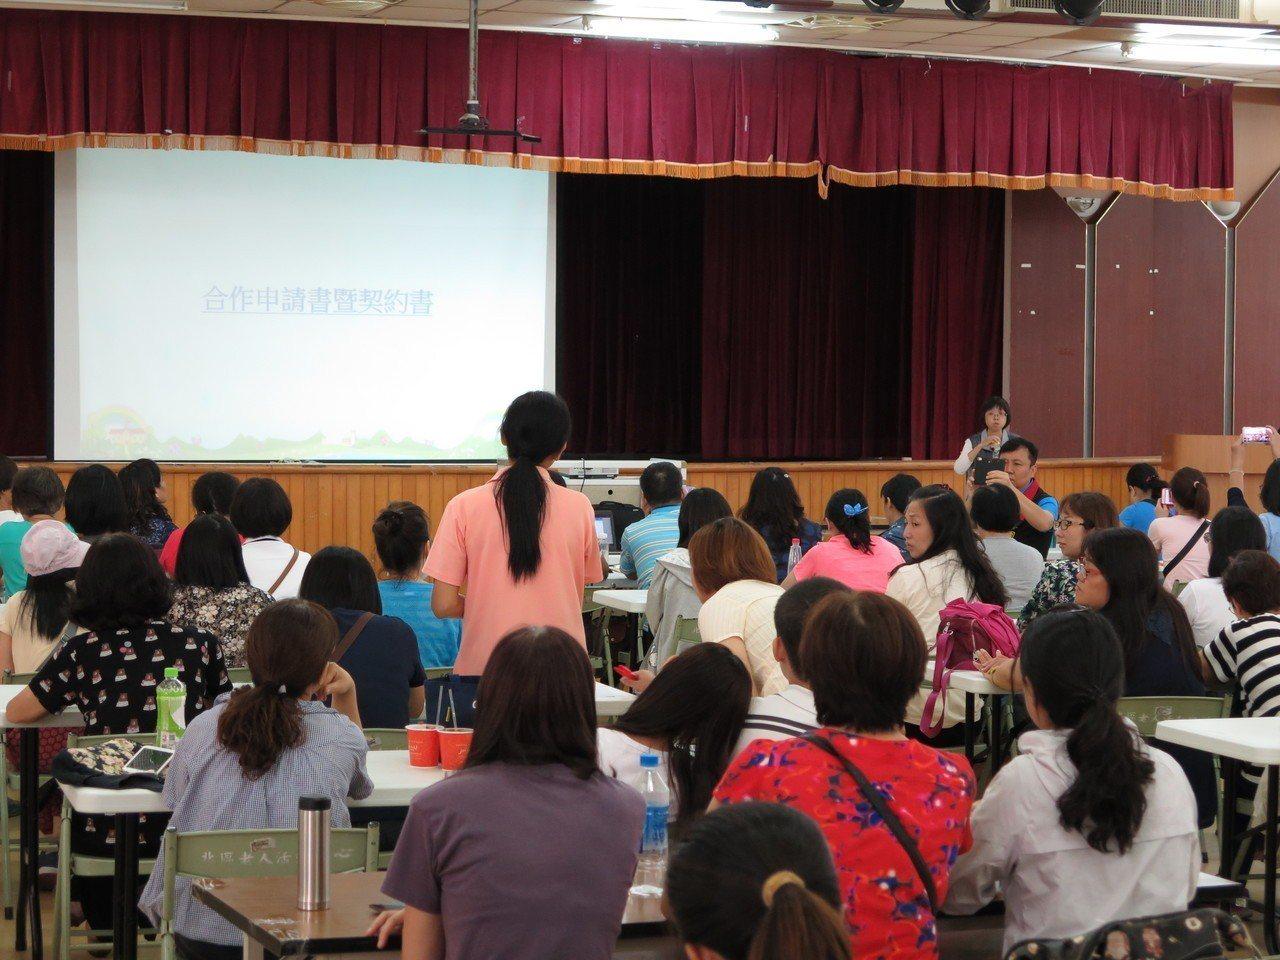 桃園市政府社會局今天針對保母舉行首場準公共化托育政策說明會,超過300人參與,眾...